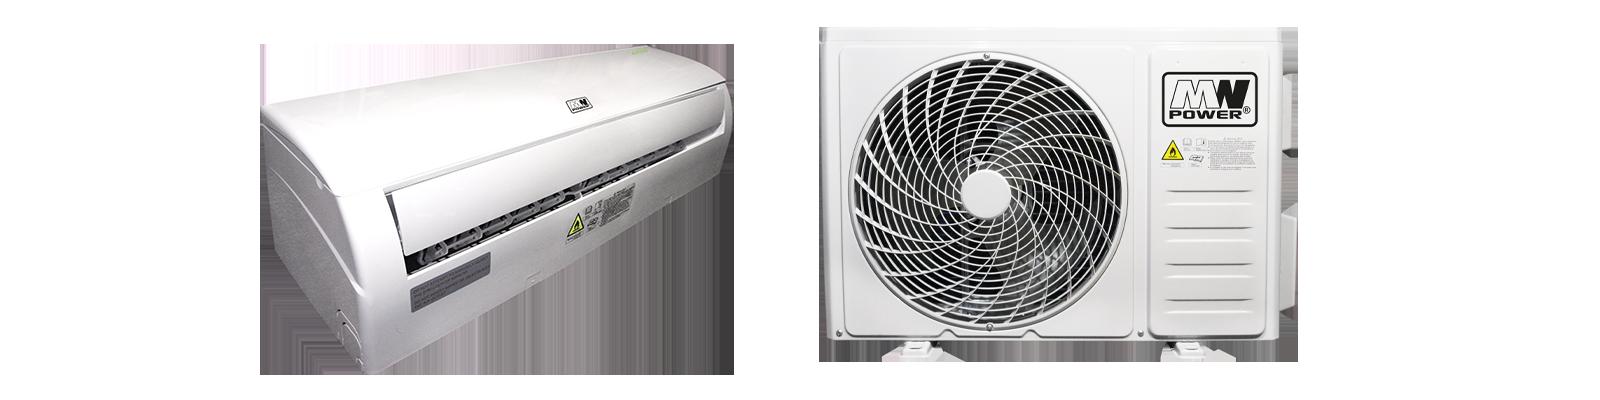 Klimatyzacje | MW Power